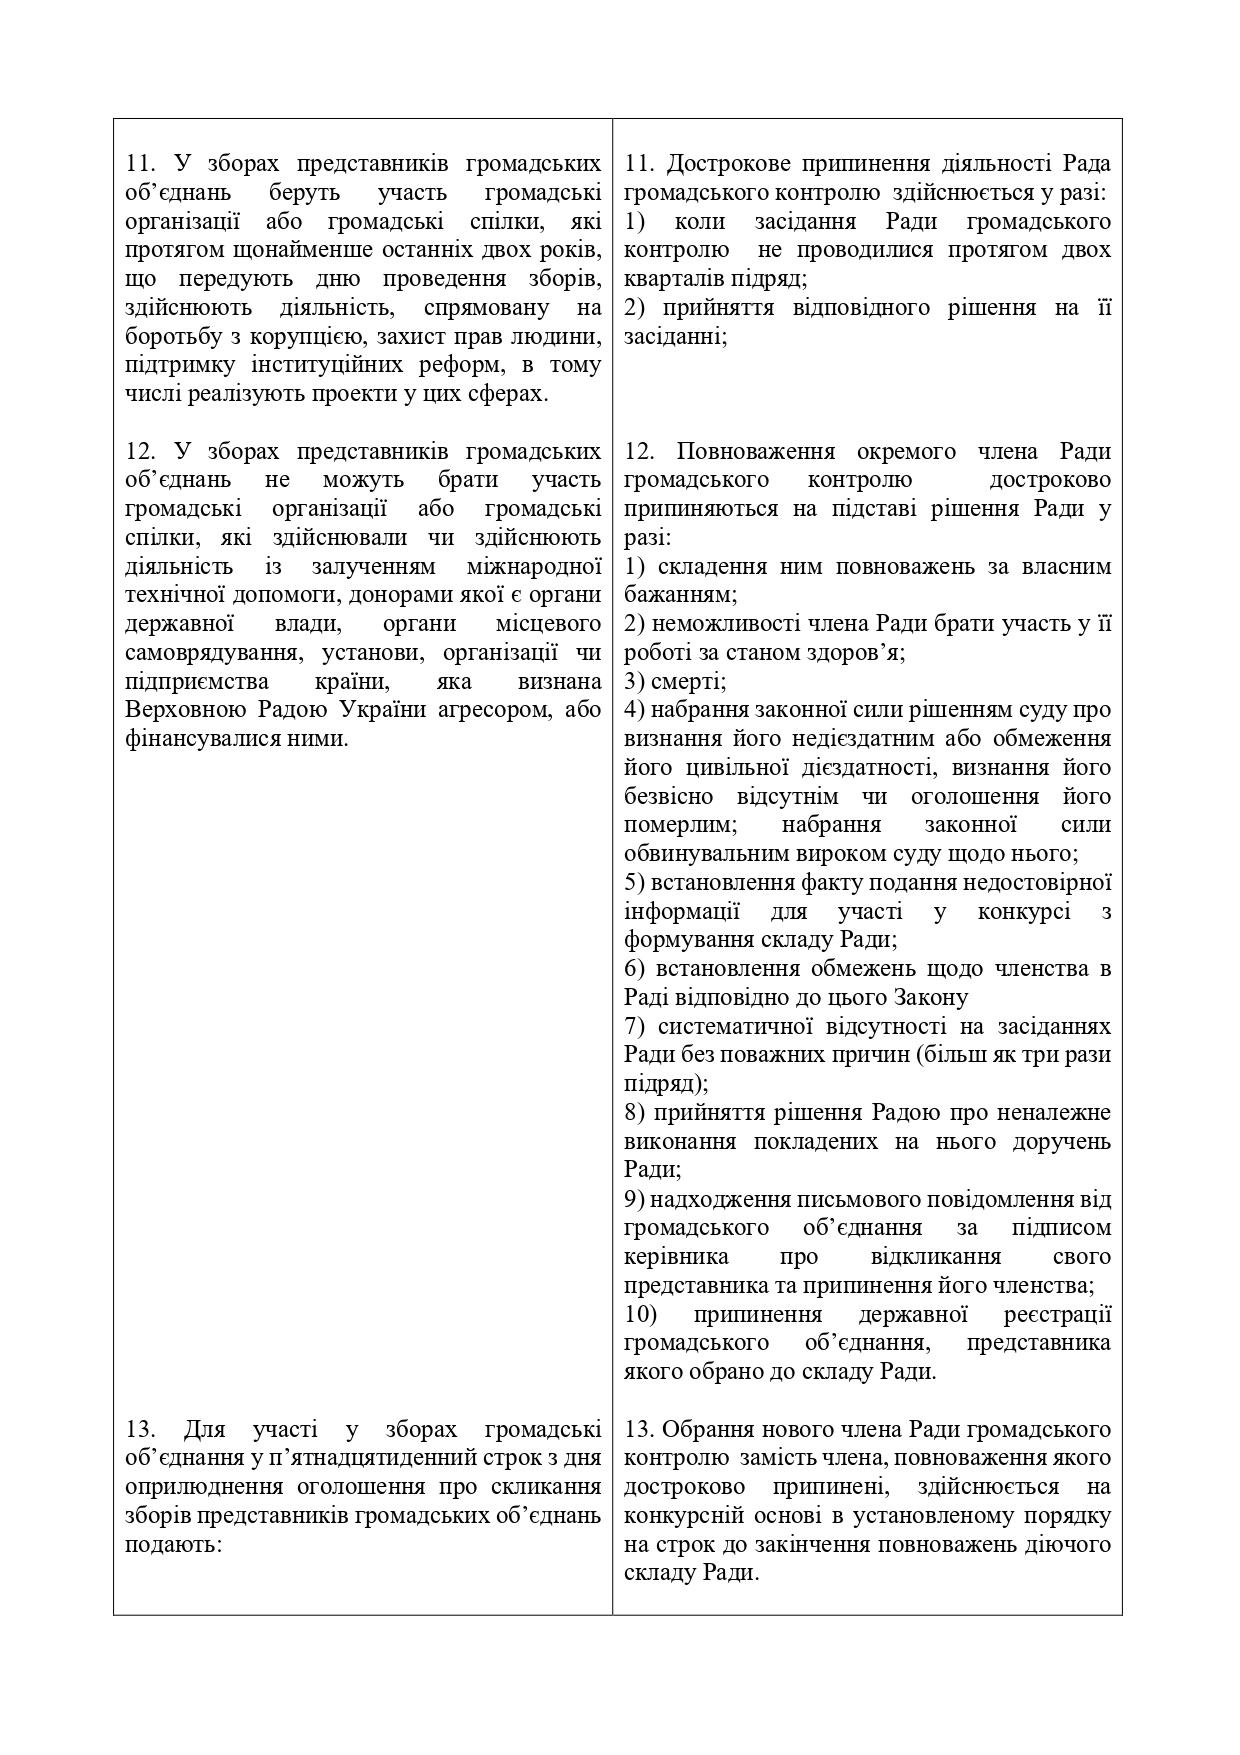 Висновок-АРССУ-щодо-№ 3534-21.07.2020_page-0024